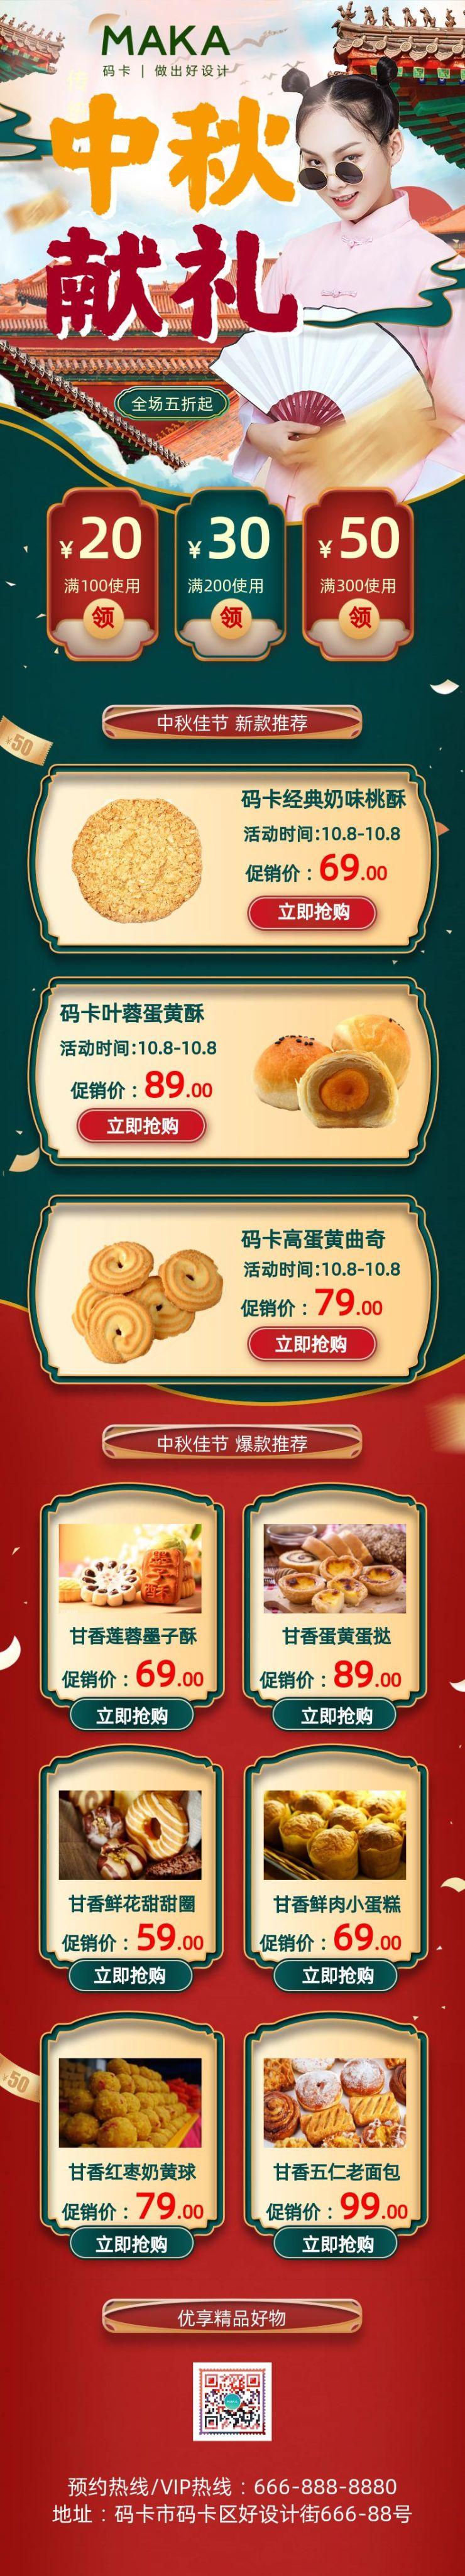 红绿色中国风9.21中秋节促销店铺详情页